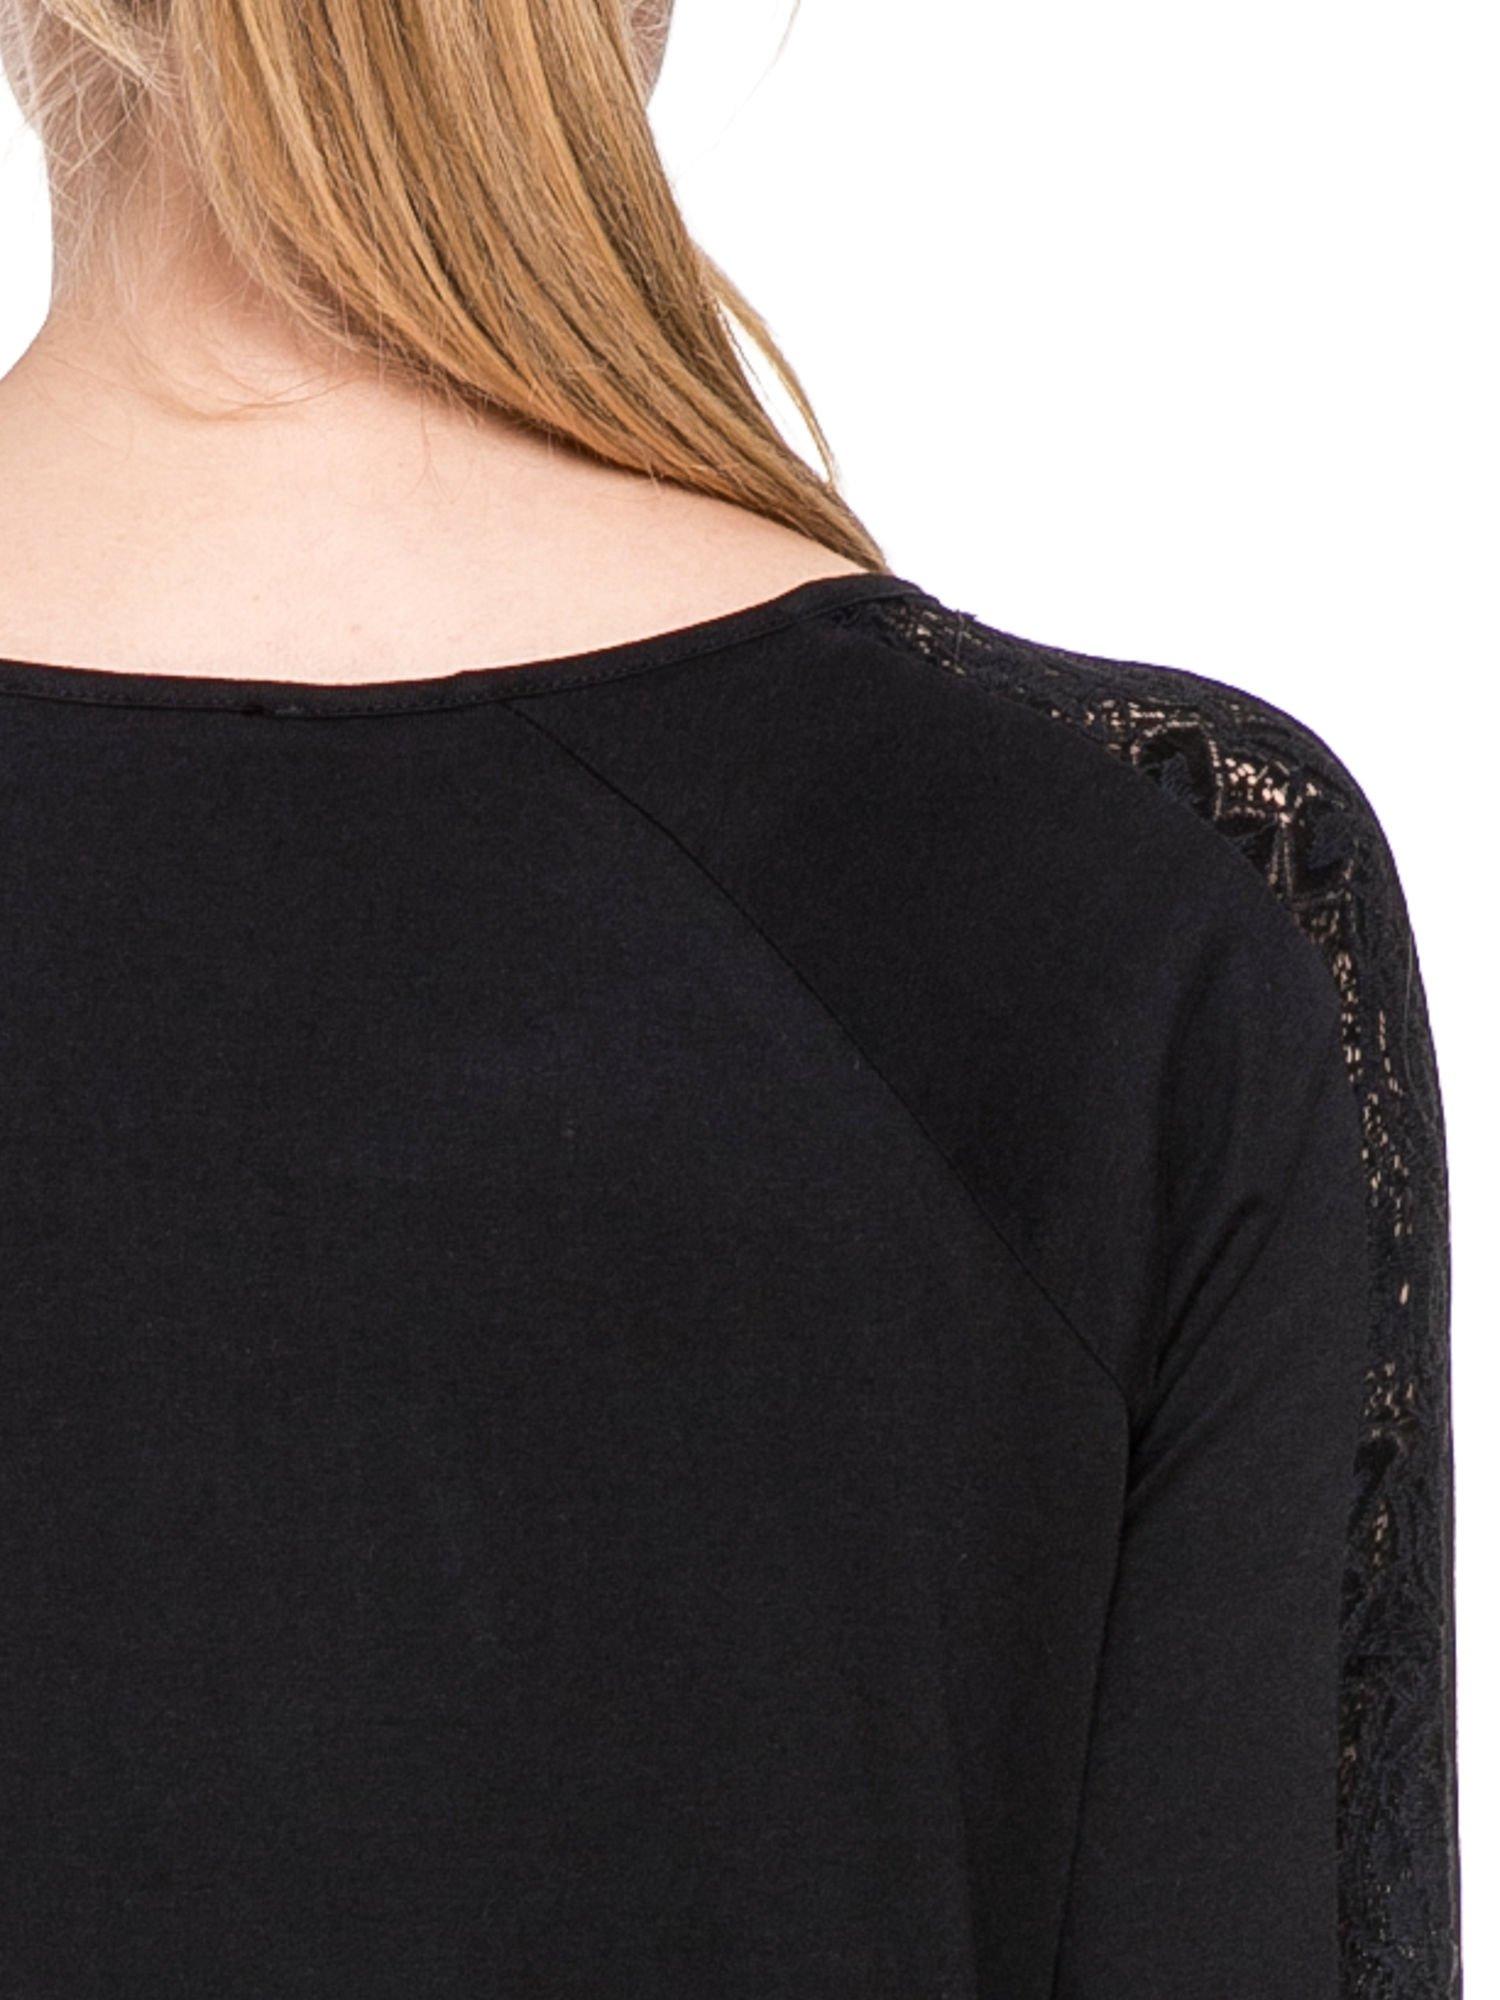 Czarna bluzka z koronkową wstawką wzdłuż rękawów                                  zdj.                                  6